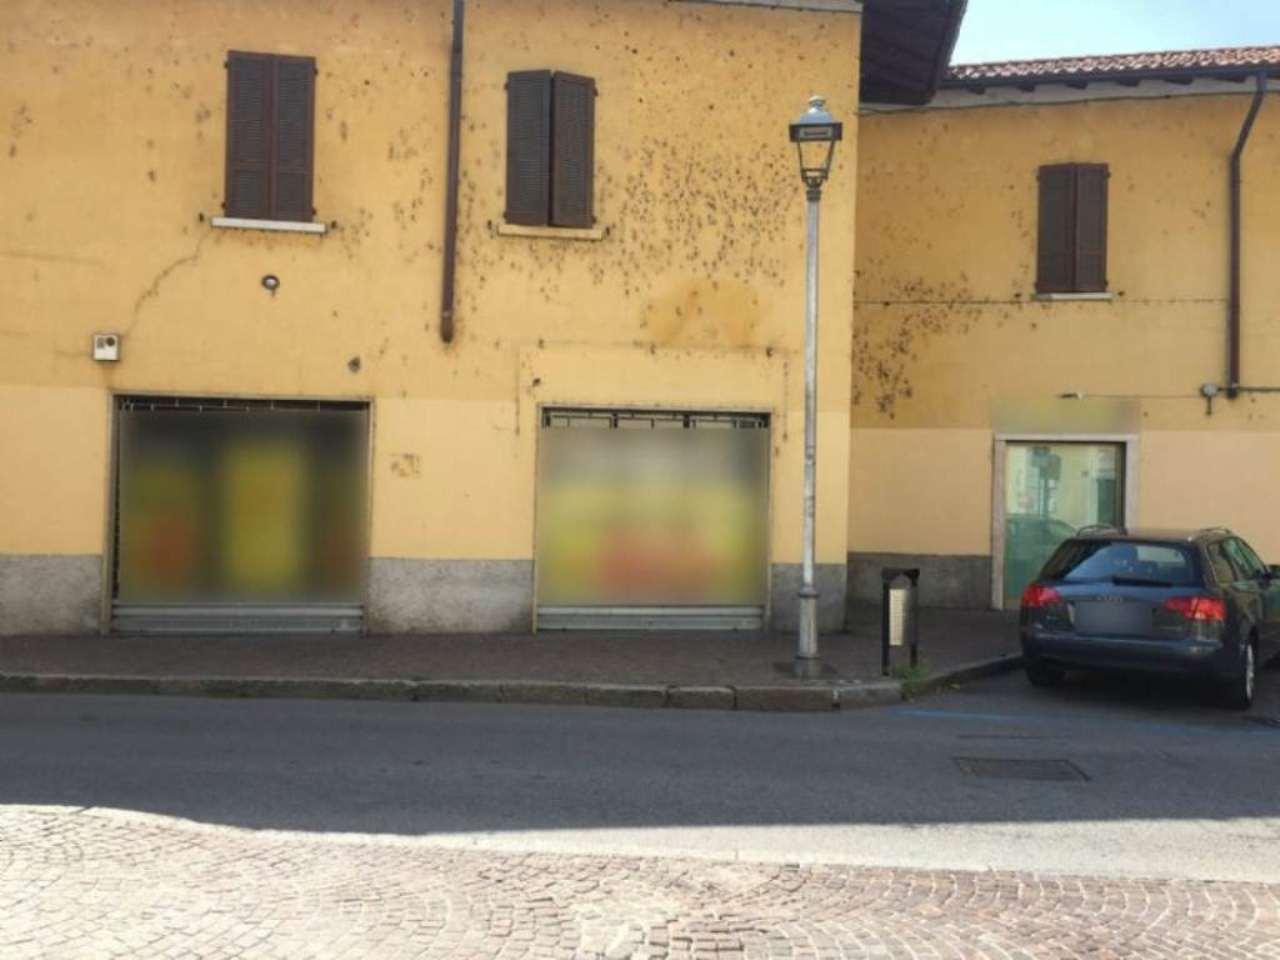 Negozio / Locale in affitto a Cassano d'Adda, 2 locali, prezzo € 550 | Cambio Casa.it